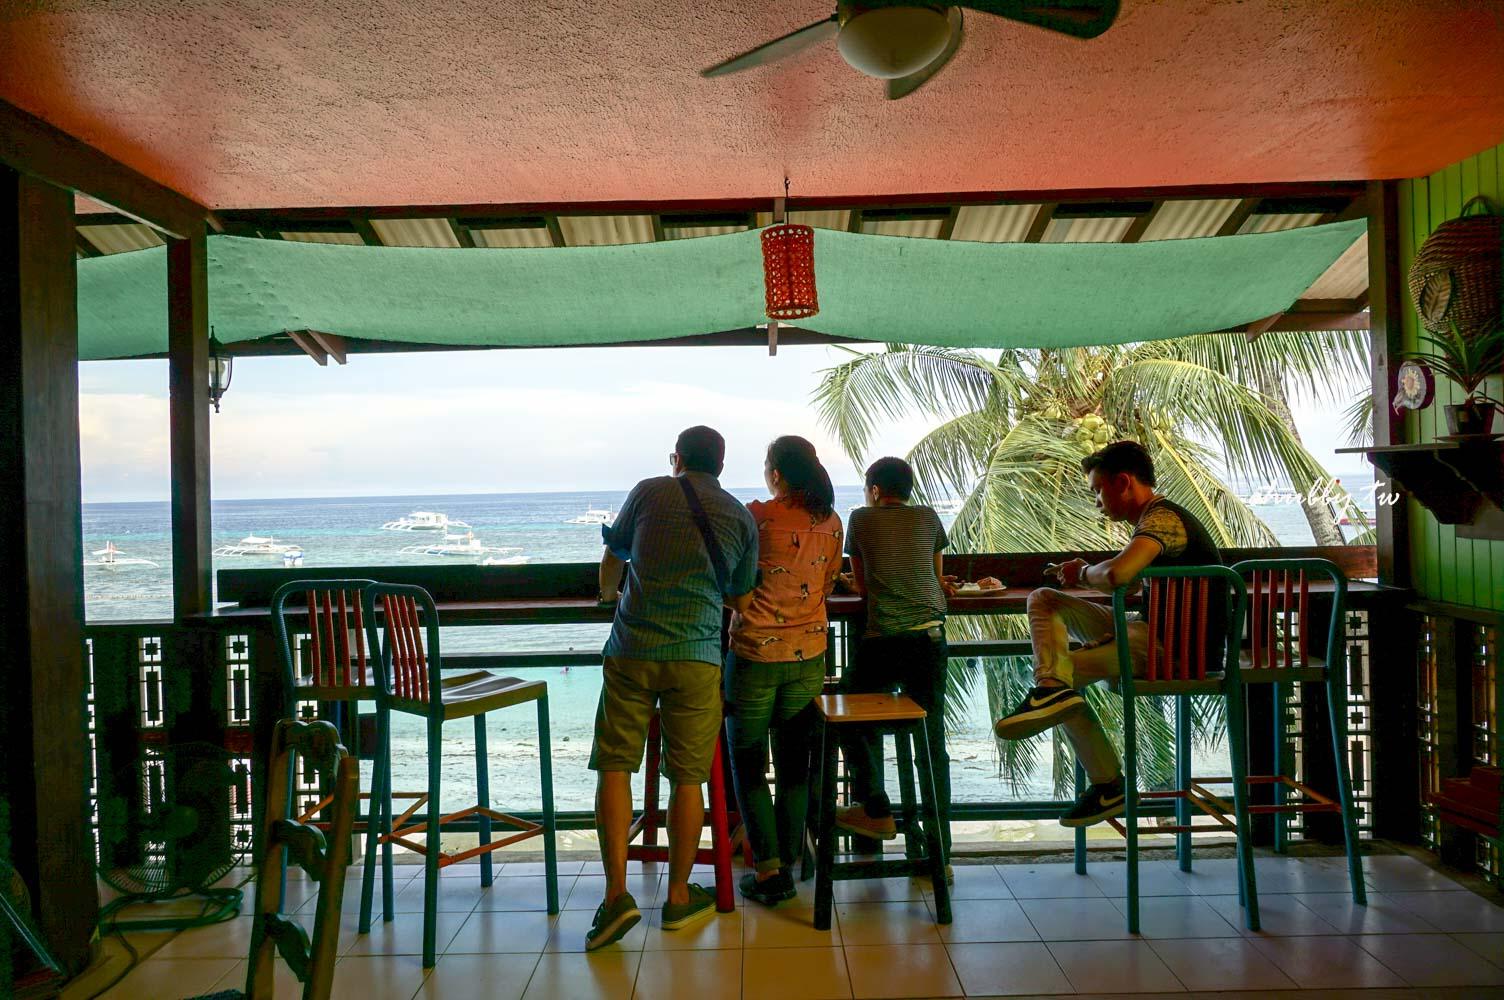 薄荷島美食海景餐廳│蜜蜂農場The Buzzz Cafe│Alona Beach旁就可以吃到蜜蜂農場了!